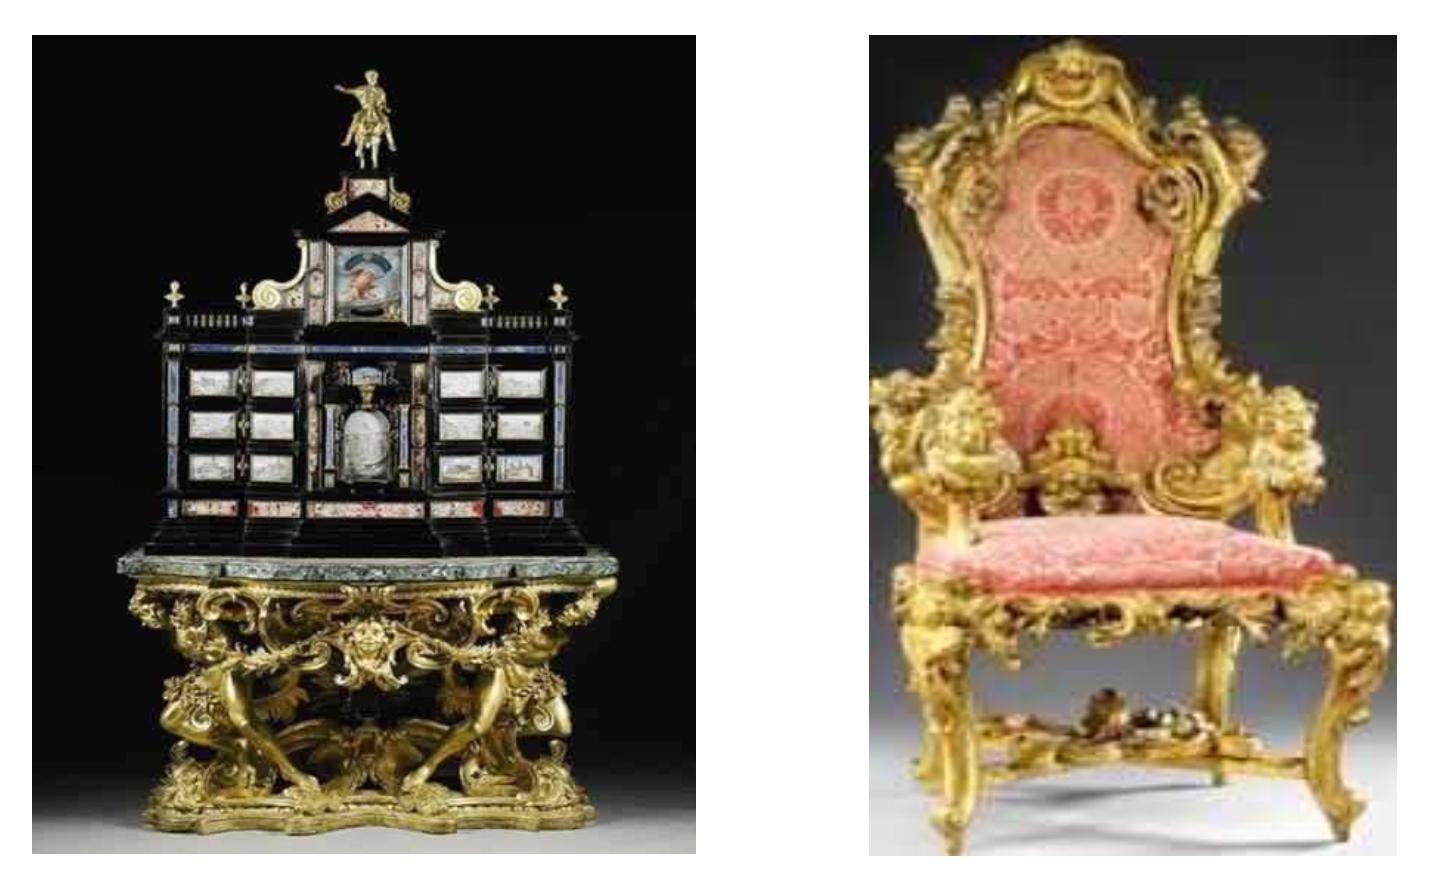 Historia Del Mueble Antig Edades Maestre # Muebles Renacentistas